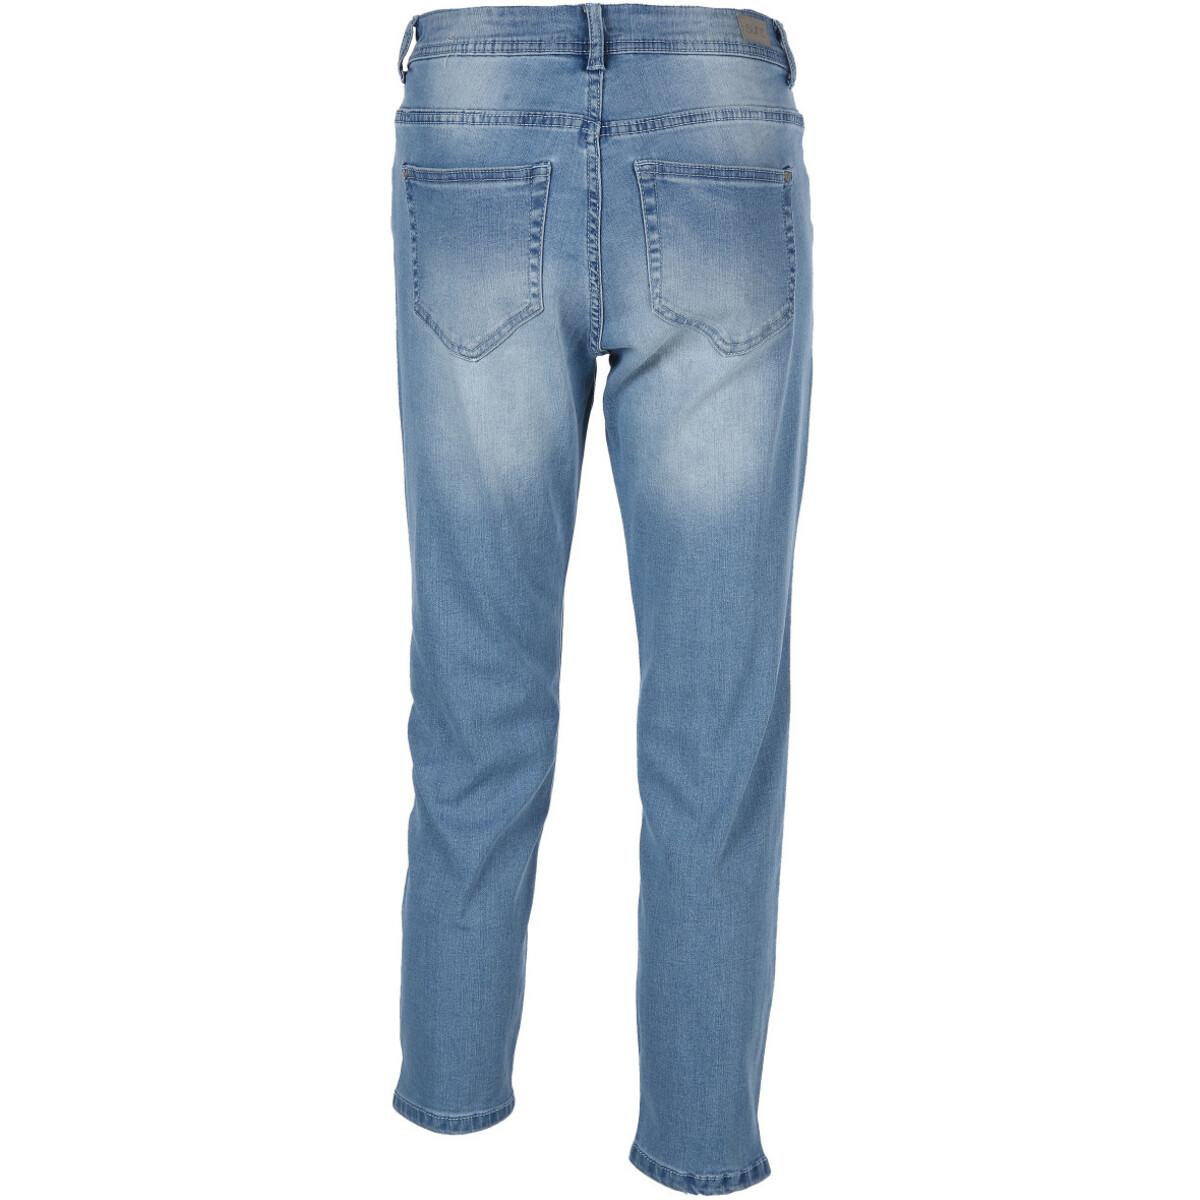 """Bild 2 von Damen Jeans """"Slim Fit"""" Hanna"""